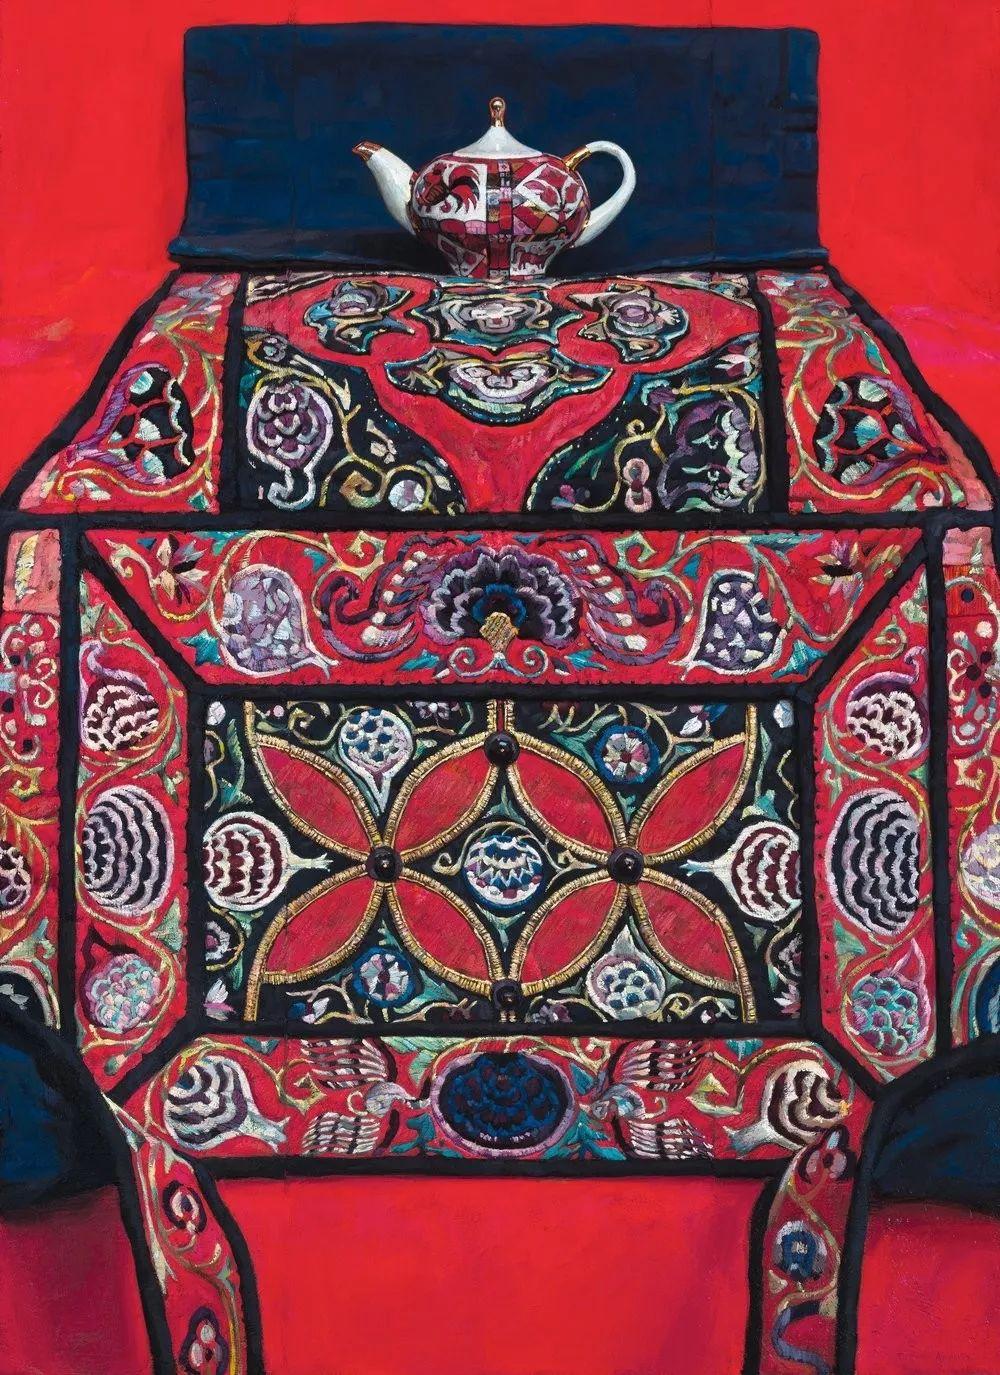 浓郁的色彩,俄罗斯艺术家帖木儿·阿赫列耶夫插图57